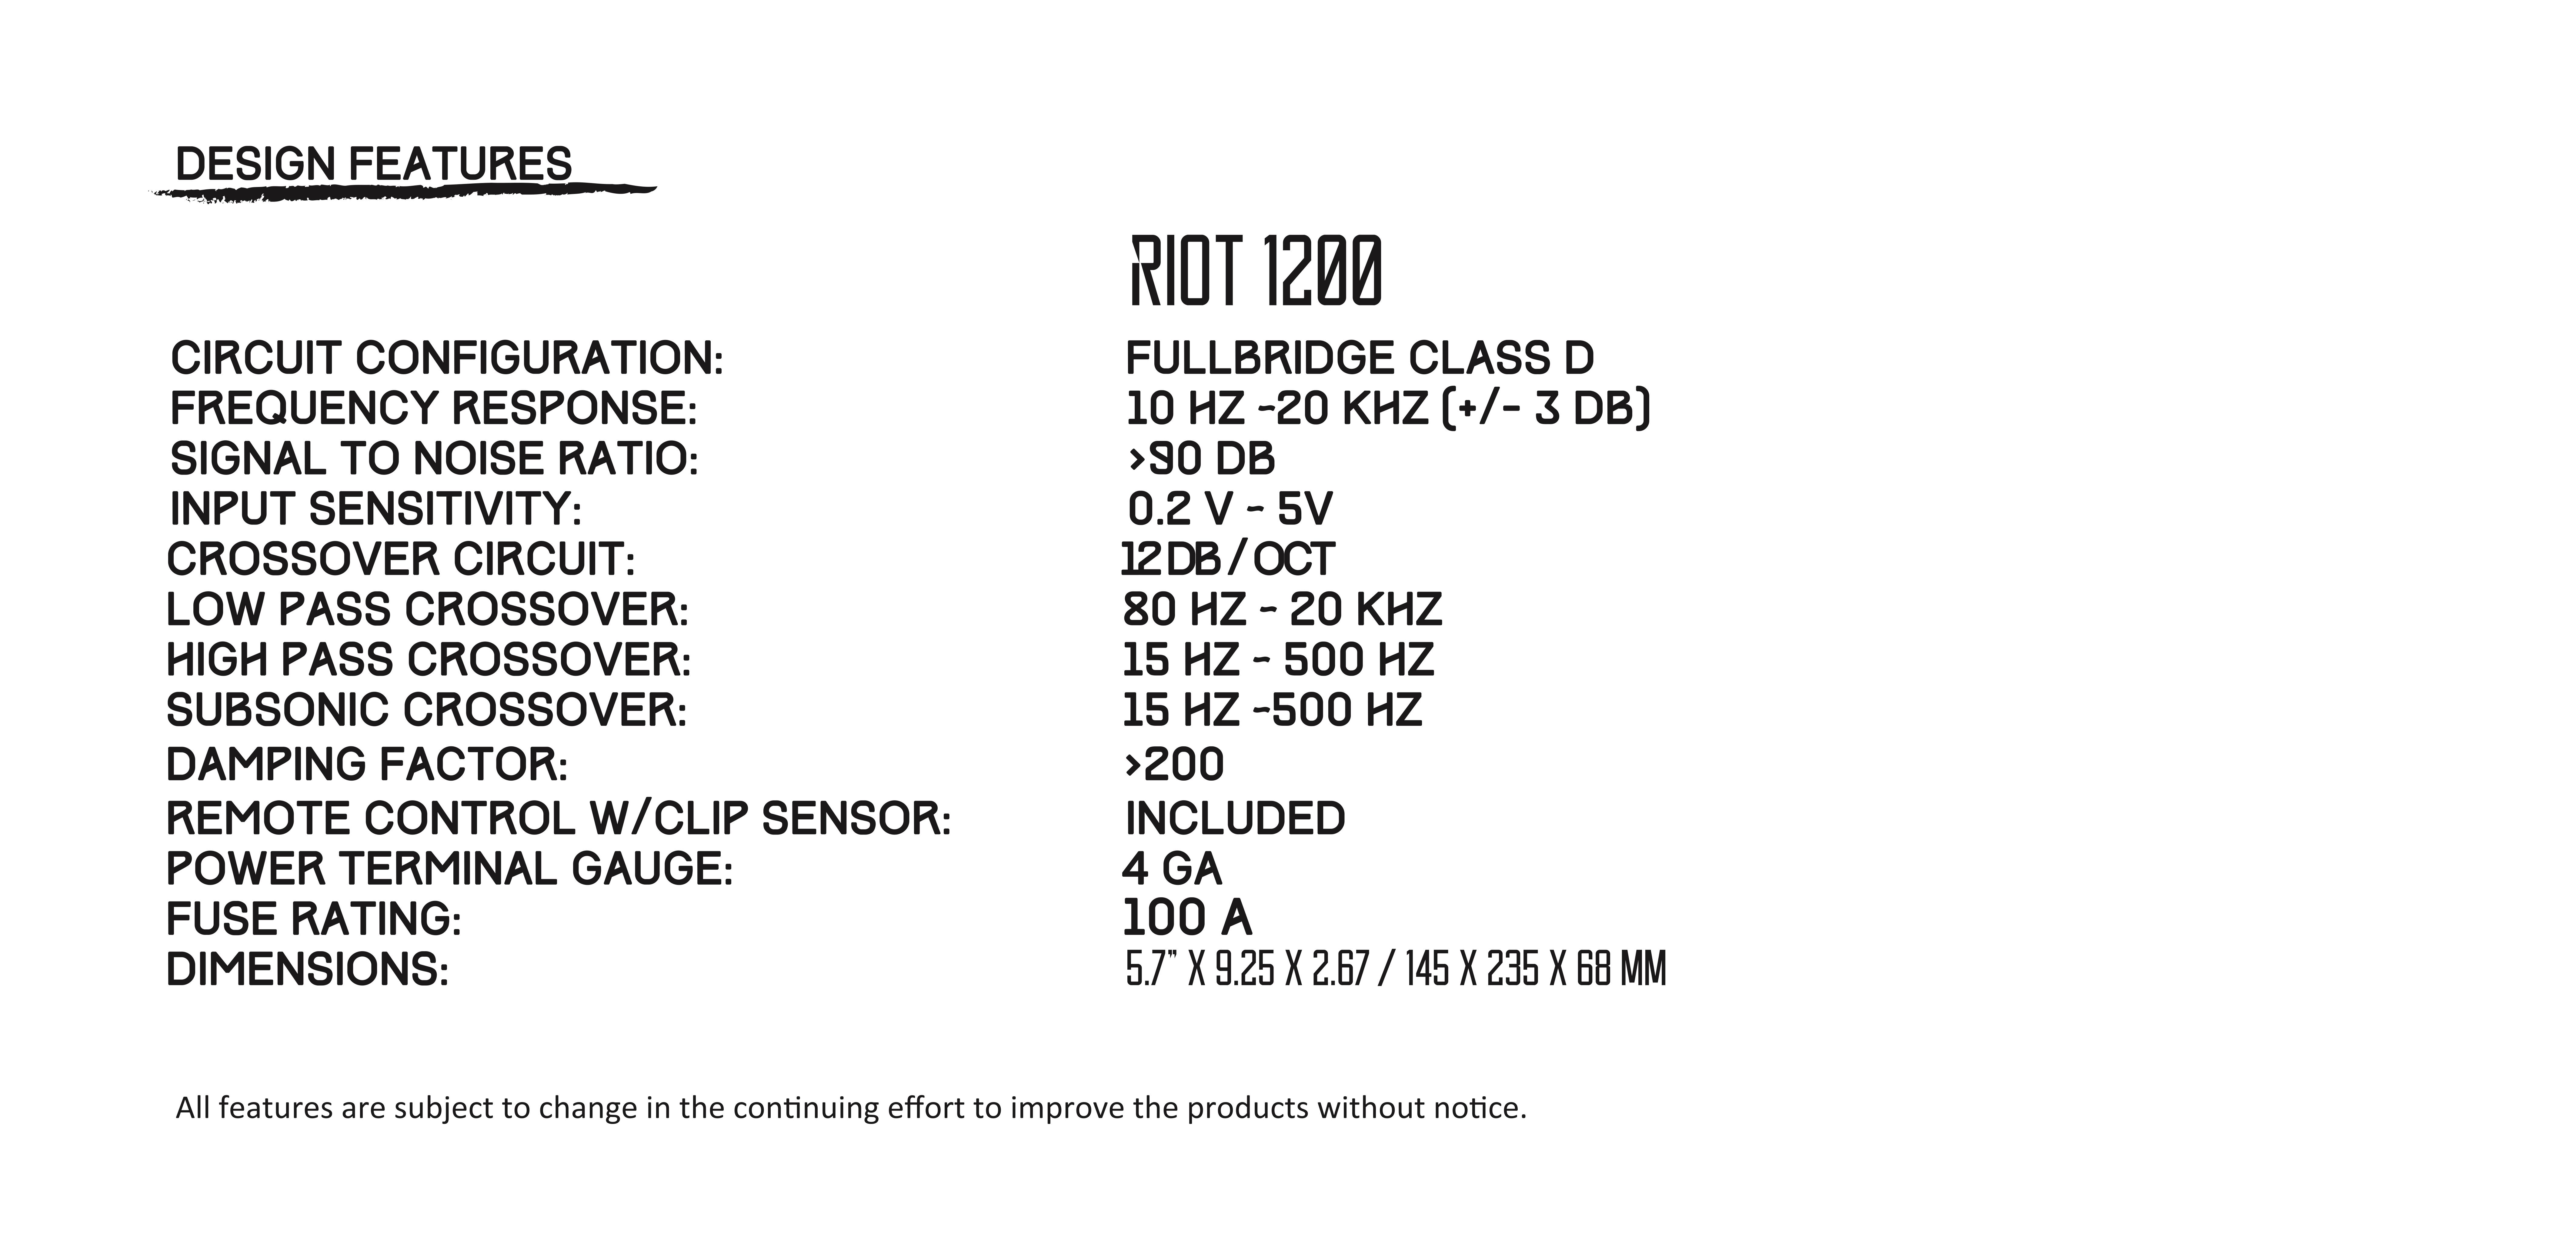 riot1200-man-1.1-cut.jpg